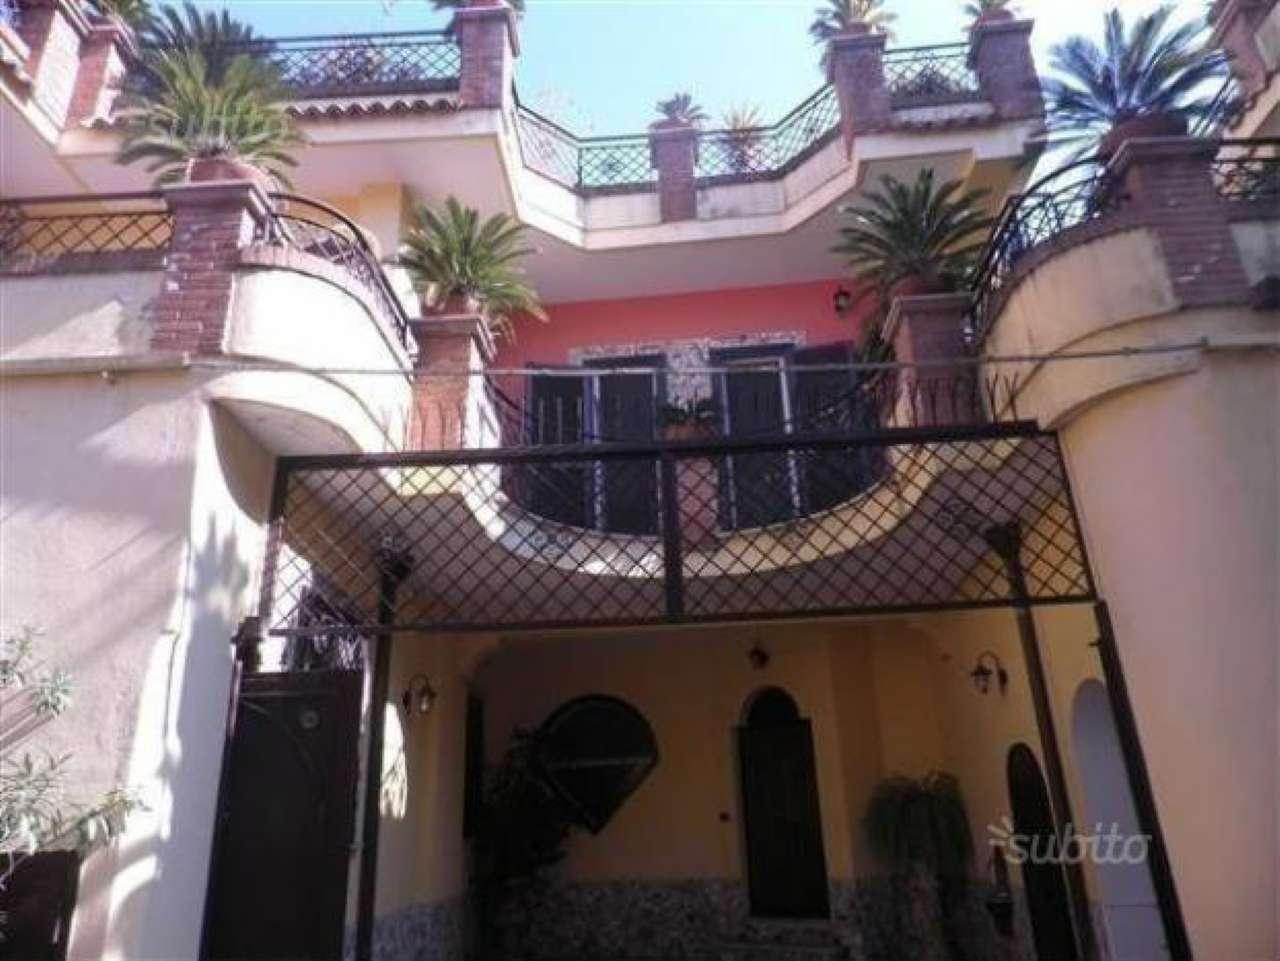 Villa in vendita a Giugliano in Campania, 8 locali, prezzo € 400.000 | CambioCasa.it